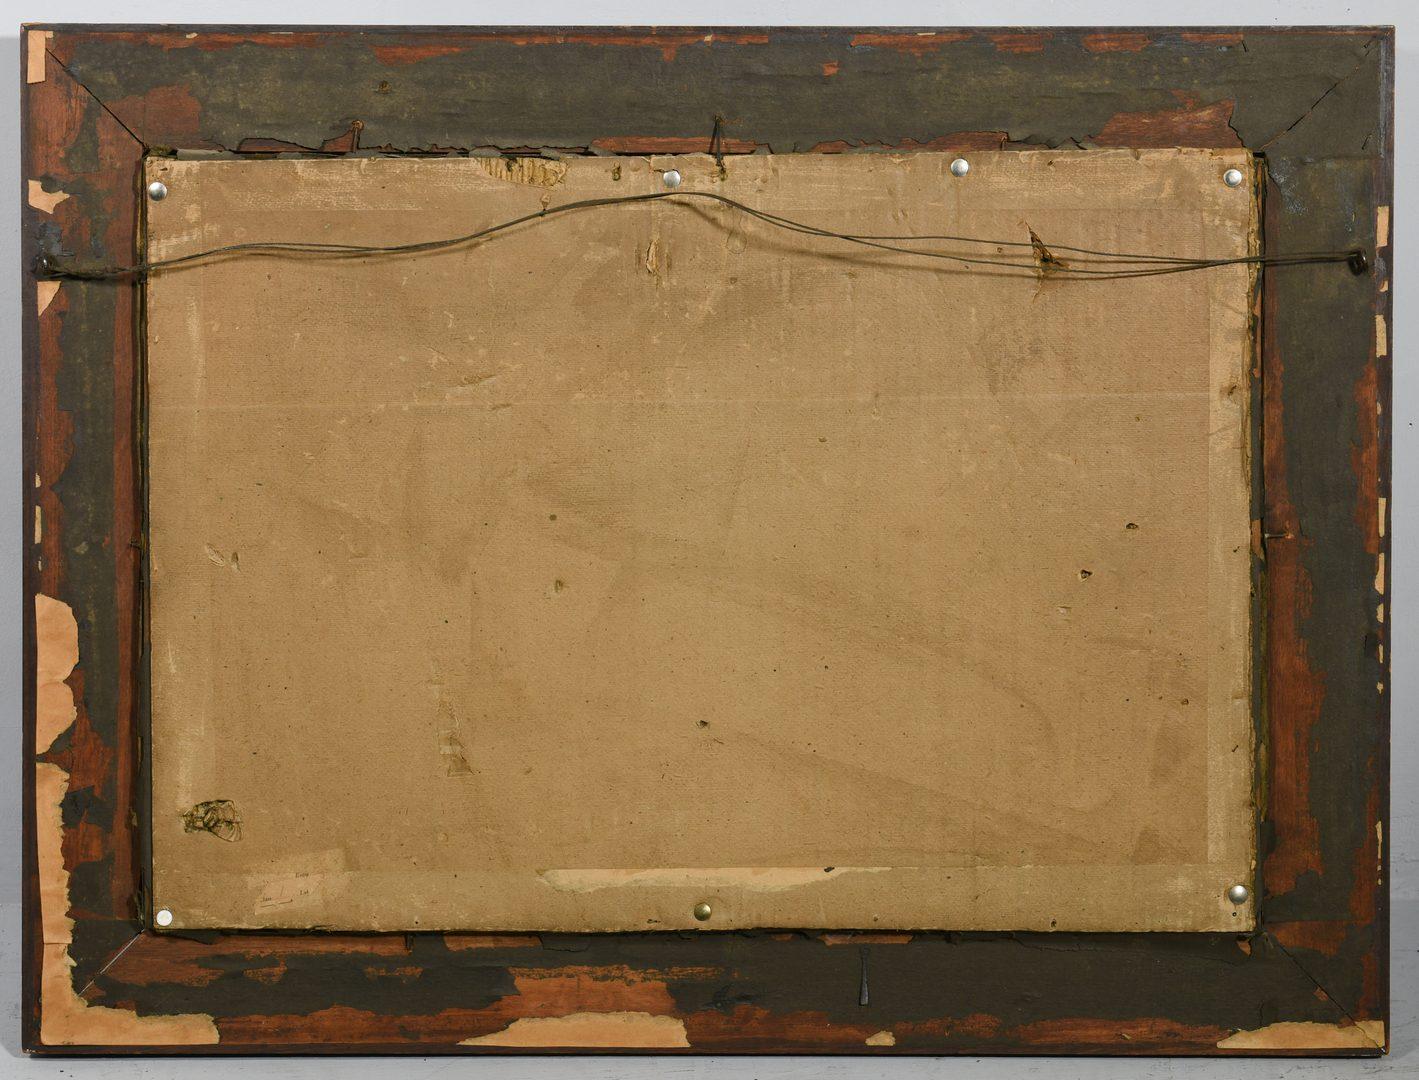 Lot 206: 1910 Appalachian Expo. Still Life by Mayme Freeman